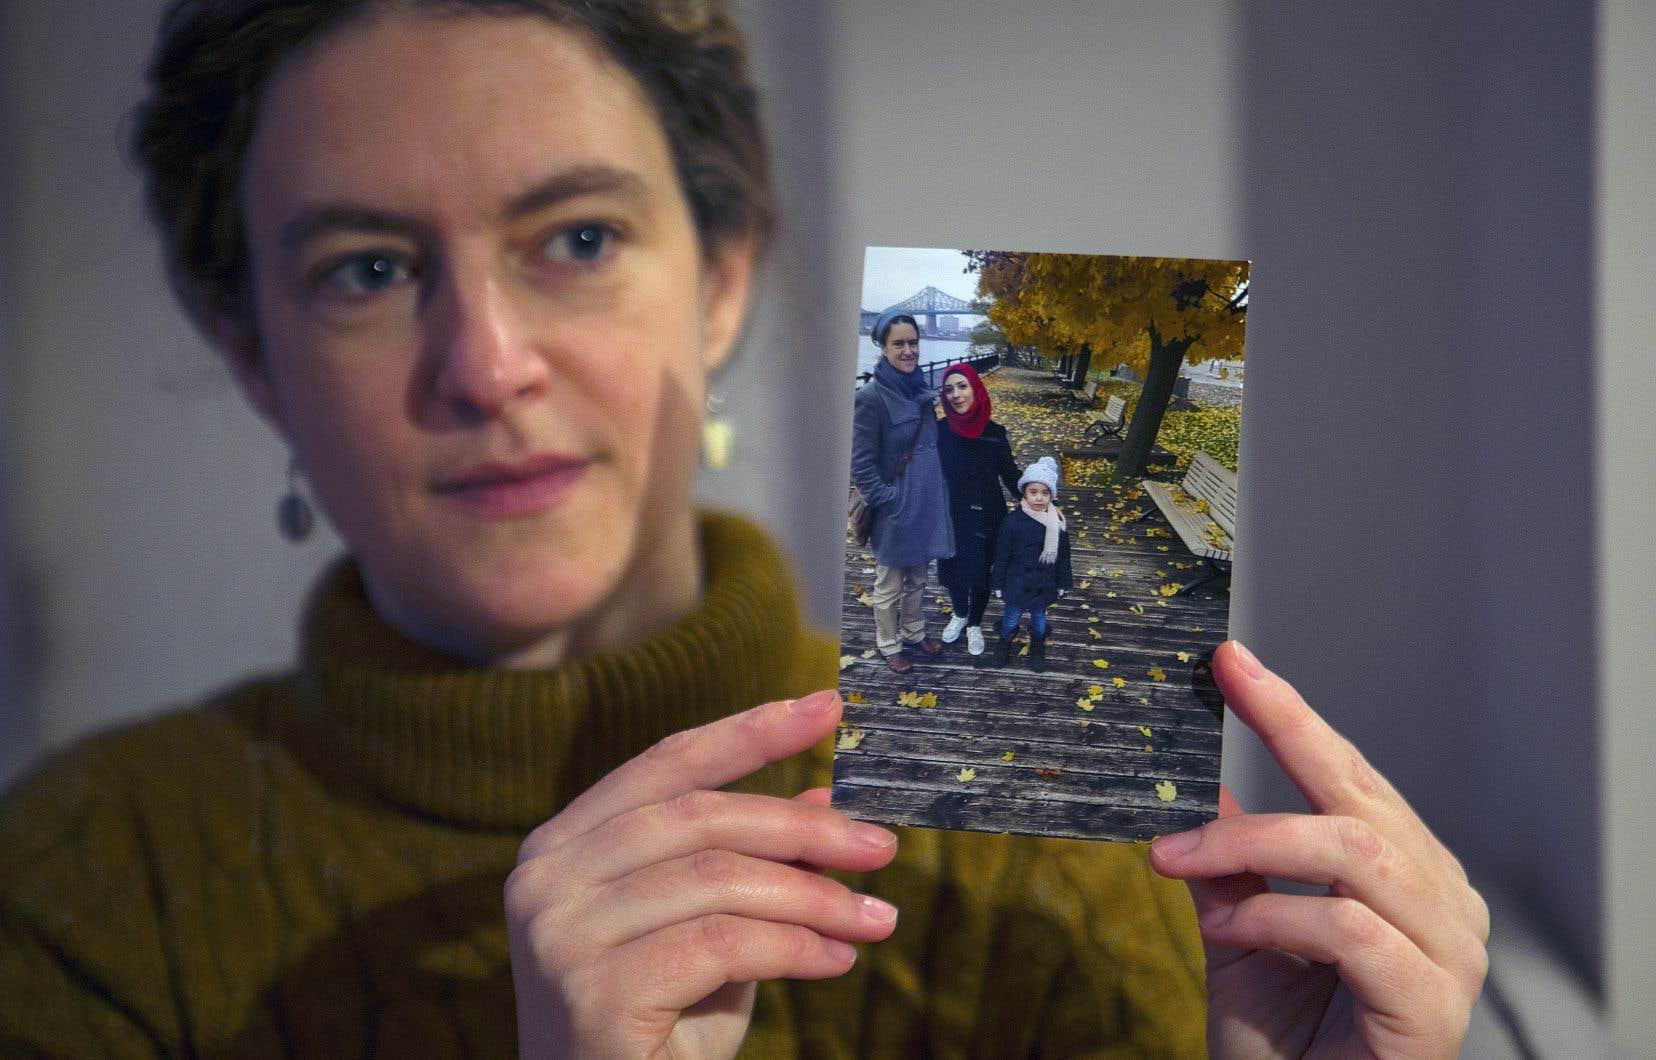 Manon Leroux tient une photo sur laquelle on la voit avec Bidaa et sa fille Meral, 6 ans, une famille de réfugiés qu'elle a parrainée. Mme Leroux s'apprête à déposer une autre demande de parrainage pour des réfugiés syriens.